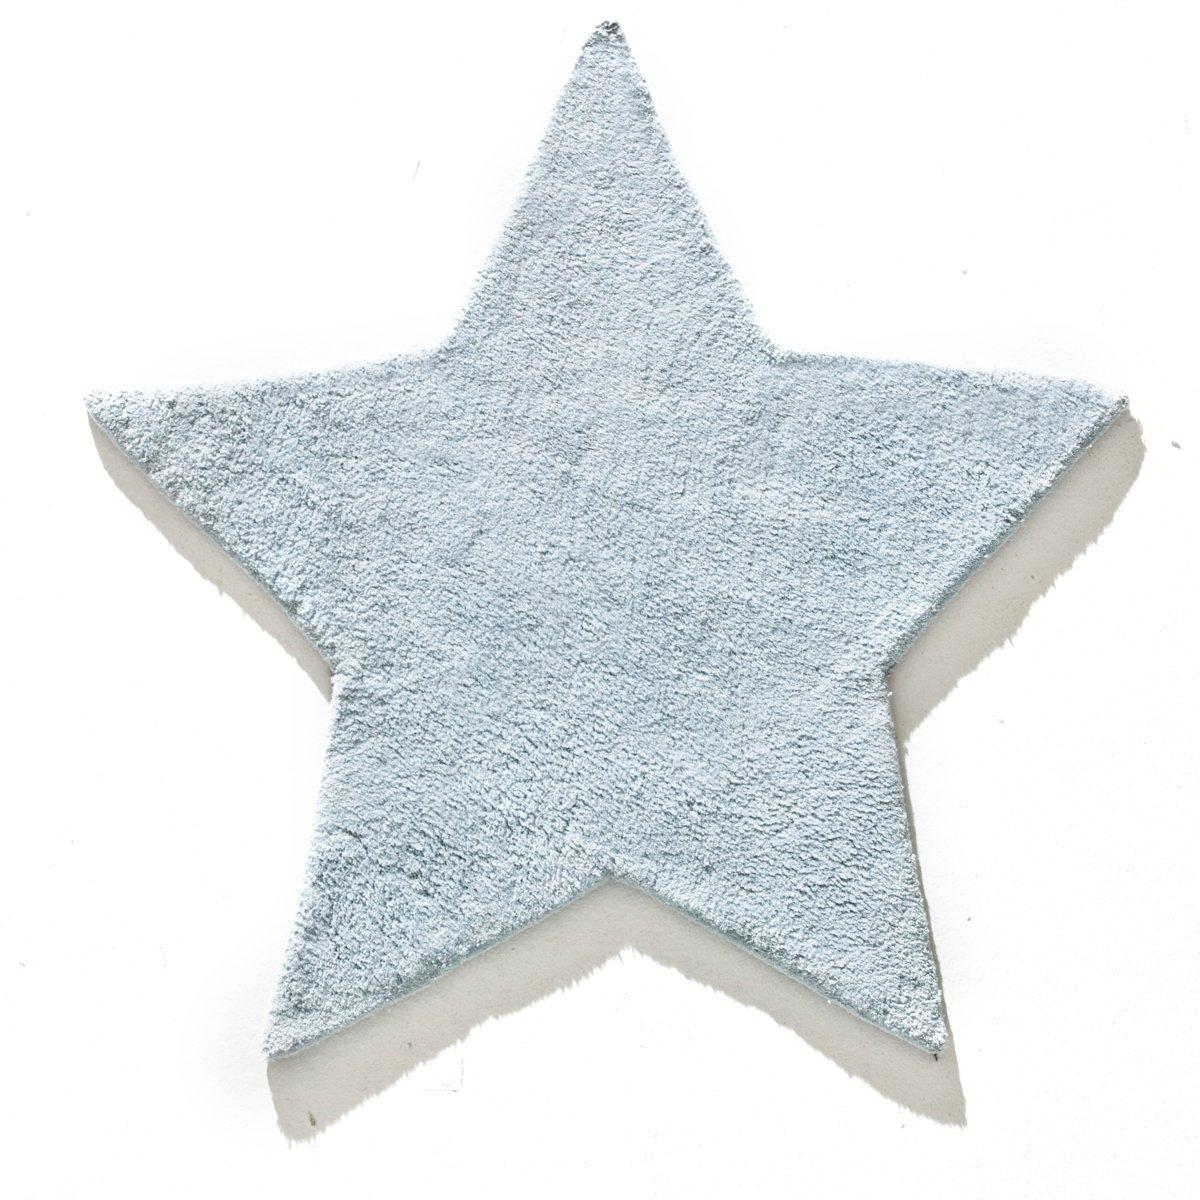 Ковер для детской звезда, Zilius, 100% хлопка от La Redoute